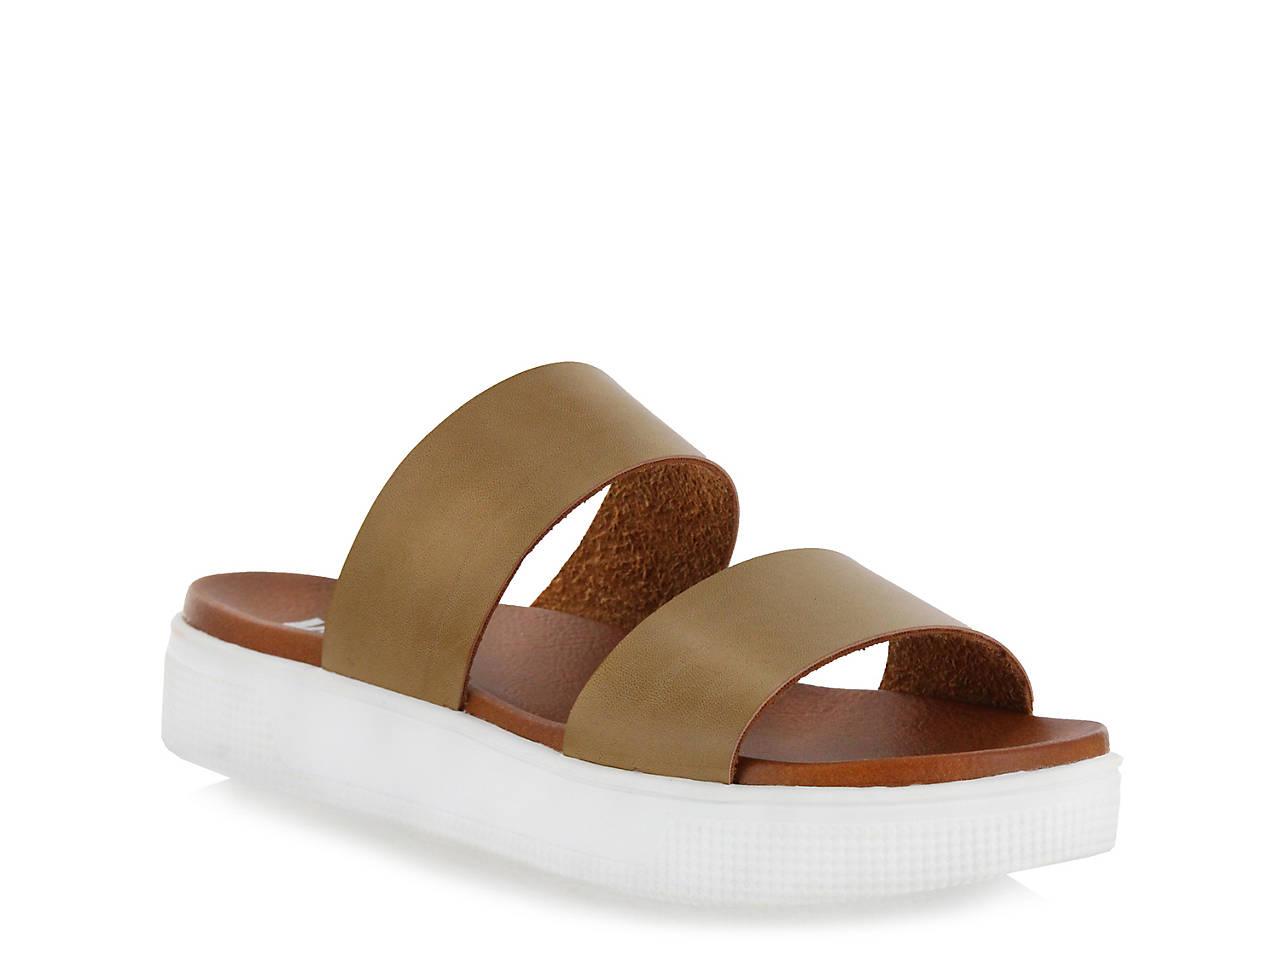 c374a17dde3 Mia Saige Platform Sandal Women s Shoes